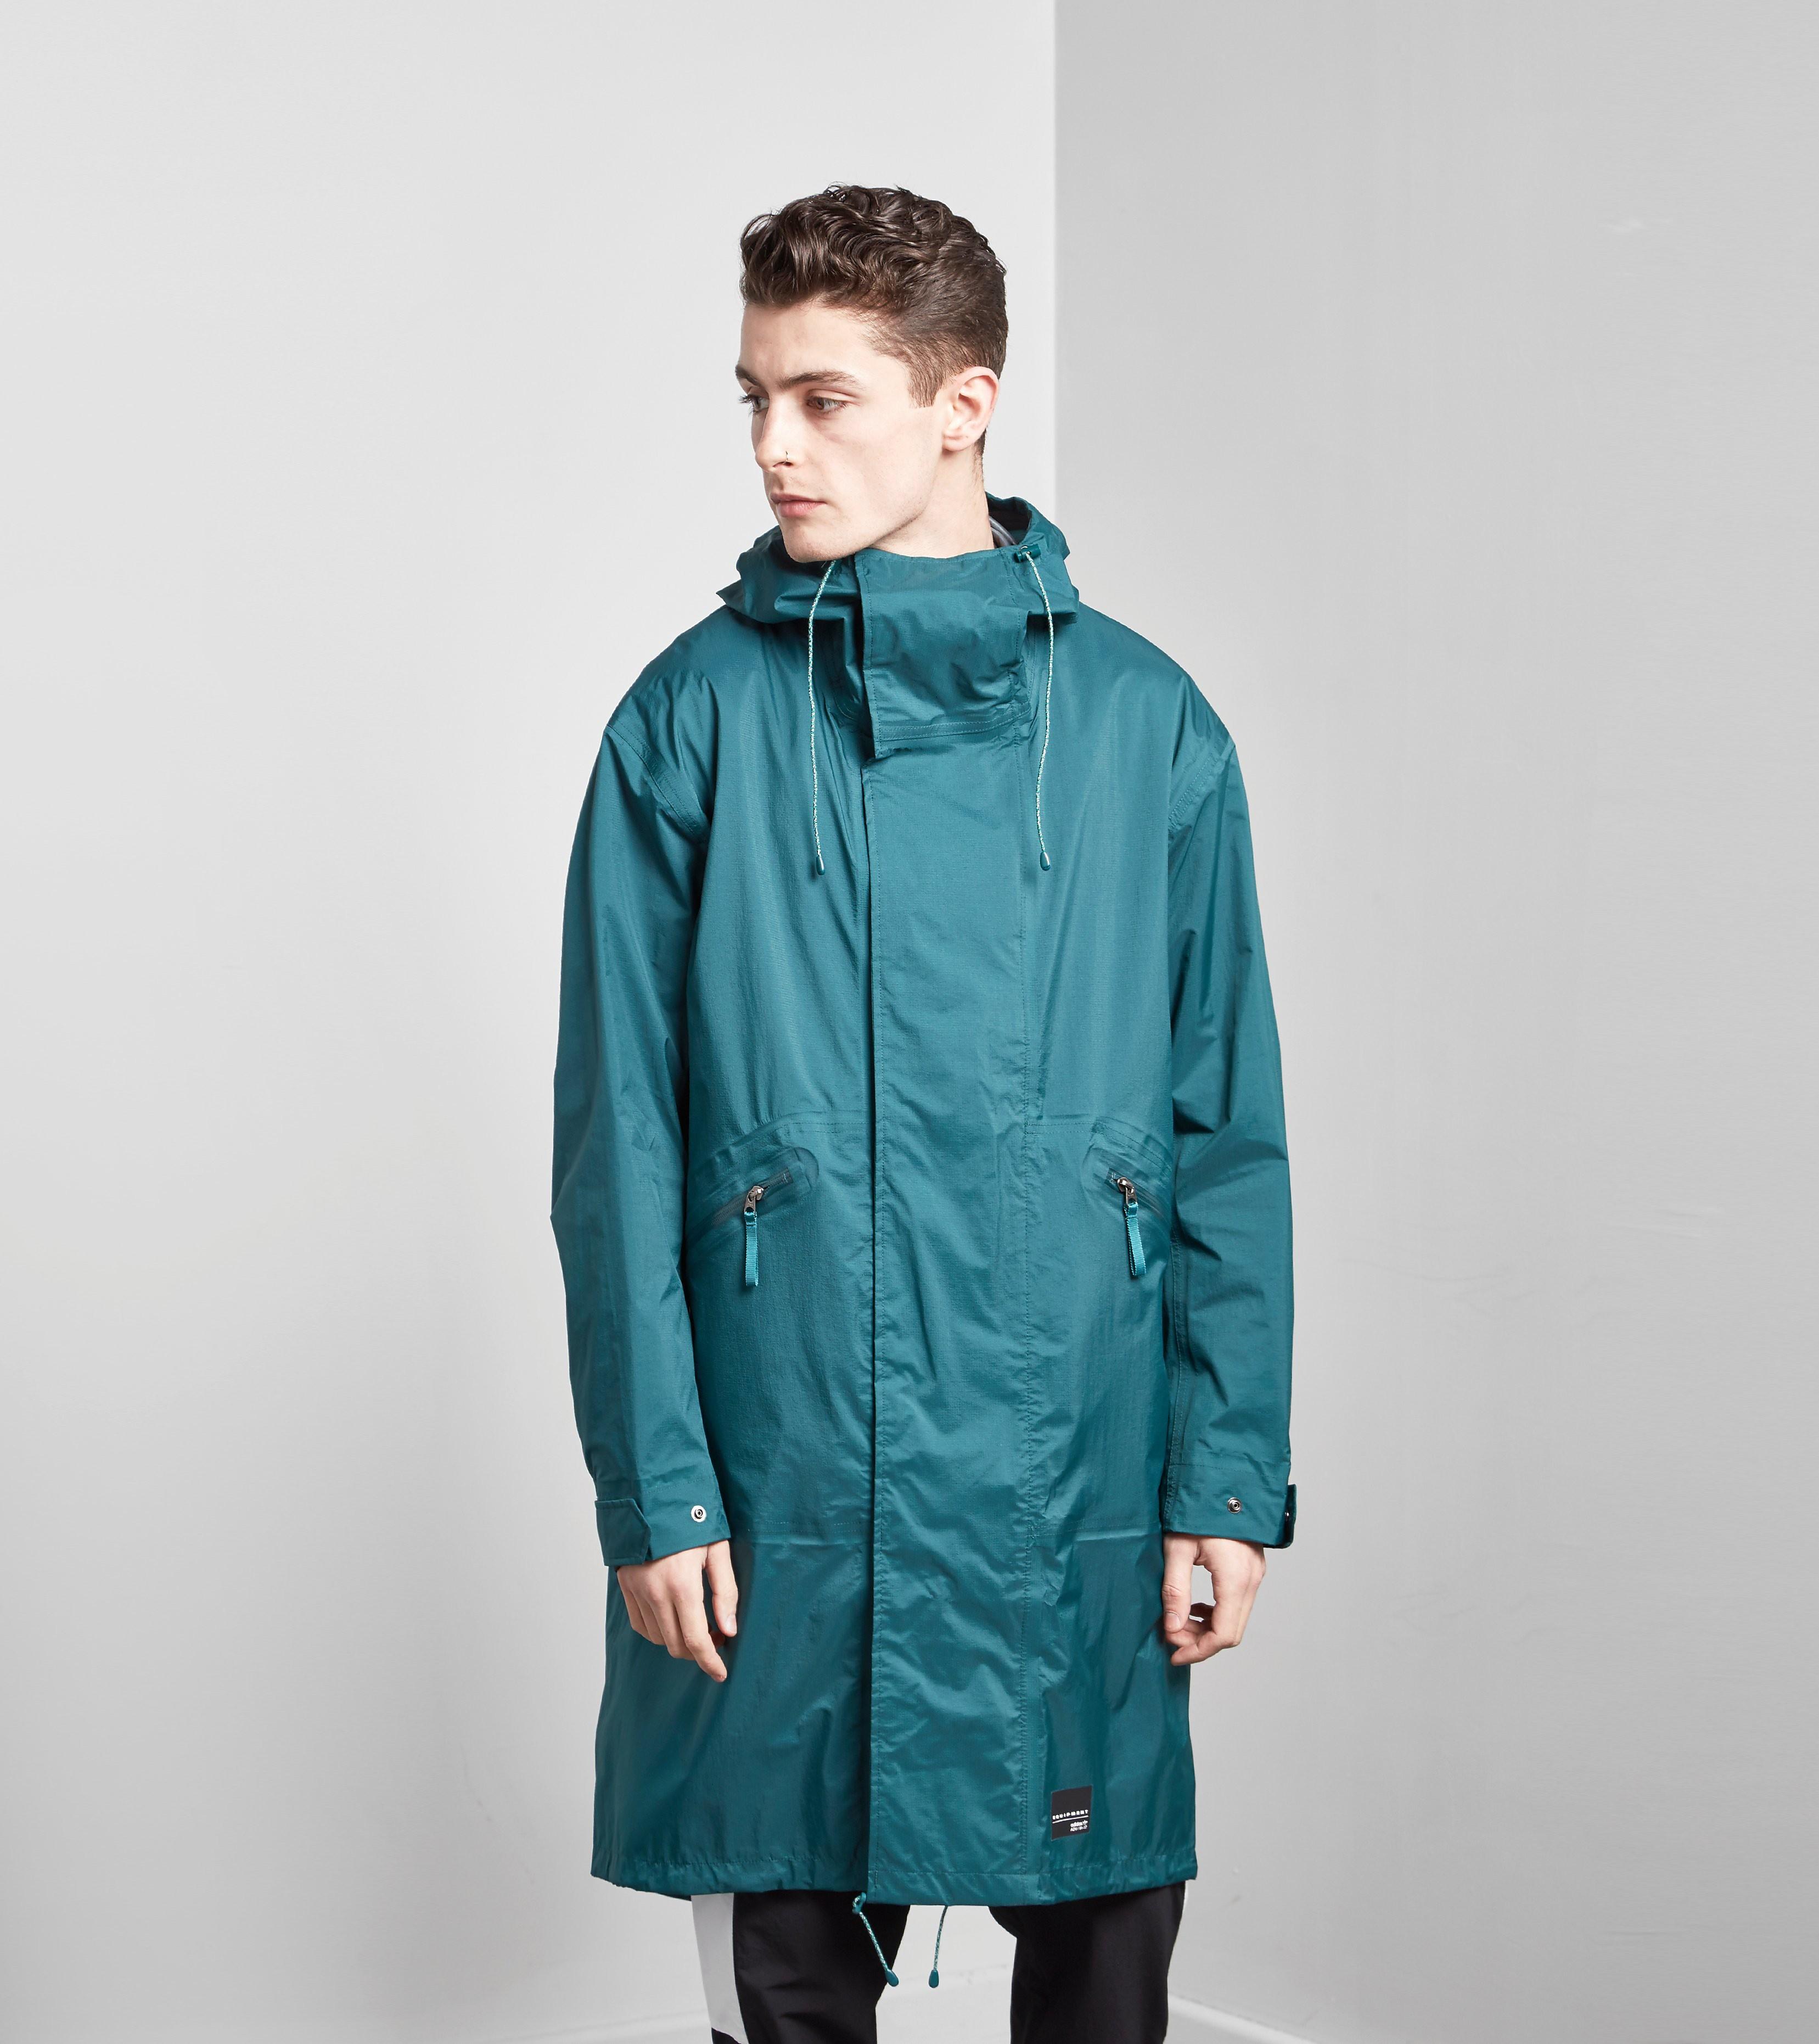 adidas Originals EQT ADV Parka Jacket